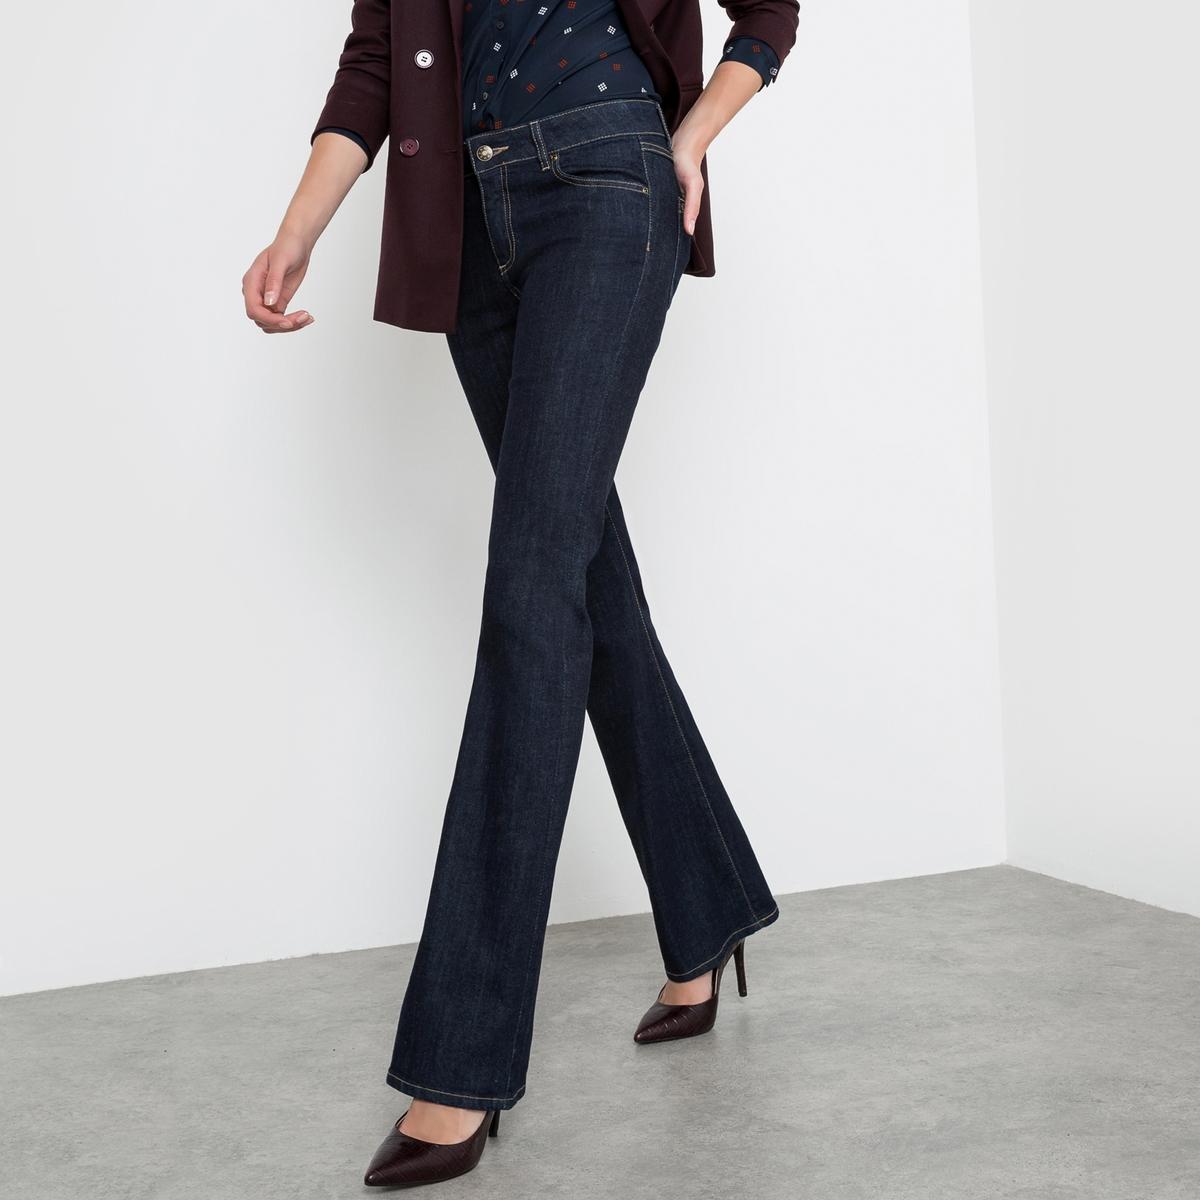 Джинсы-буткат, заниженный поясДжинсы покроя буткат (брюки прямые до колен и расклешенные к низу). Покрой 5 карманов. Планка застежки на молнию.Деним, 98% хлопка, 2% эластана. Длина по внутреннему шву 83 см, ширина по низу 23 см. Существует 3 варианта длины..<br><br>Цвет: темно-синий